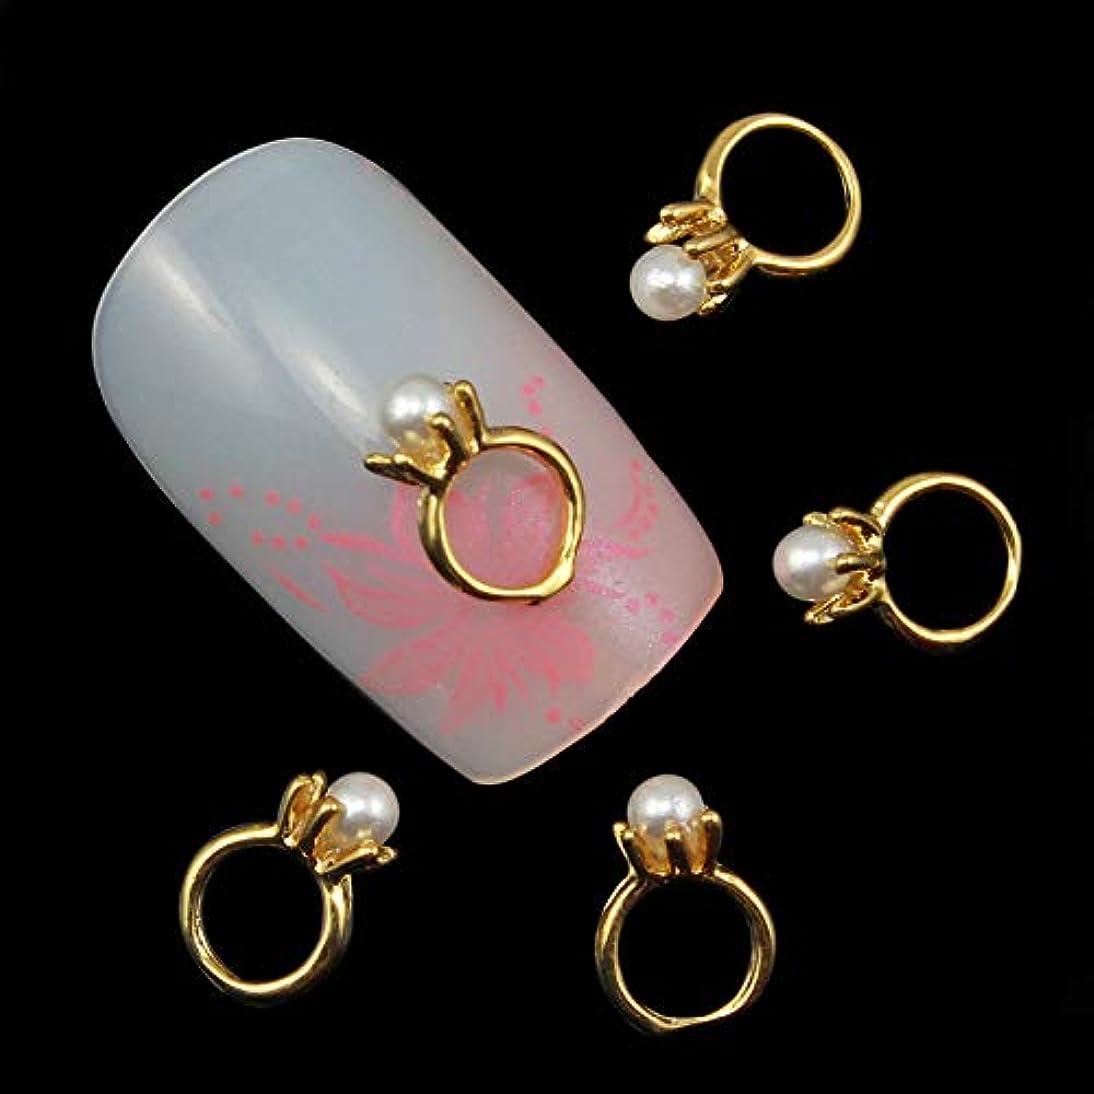 オペラかすかな中で10個入りの3Dネイルアートのラインストーンのデコレーションパールゴールドリング形状ネイルのヒントネイルジェルツールサプライヤのセックス製品